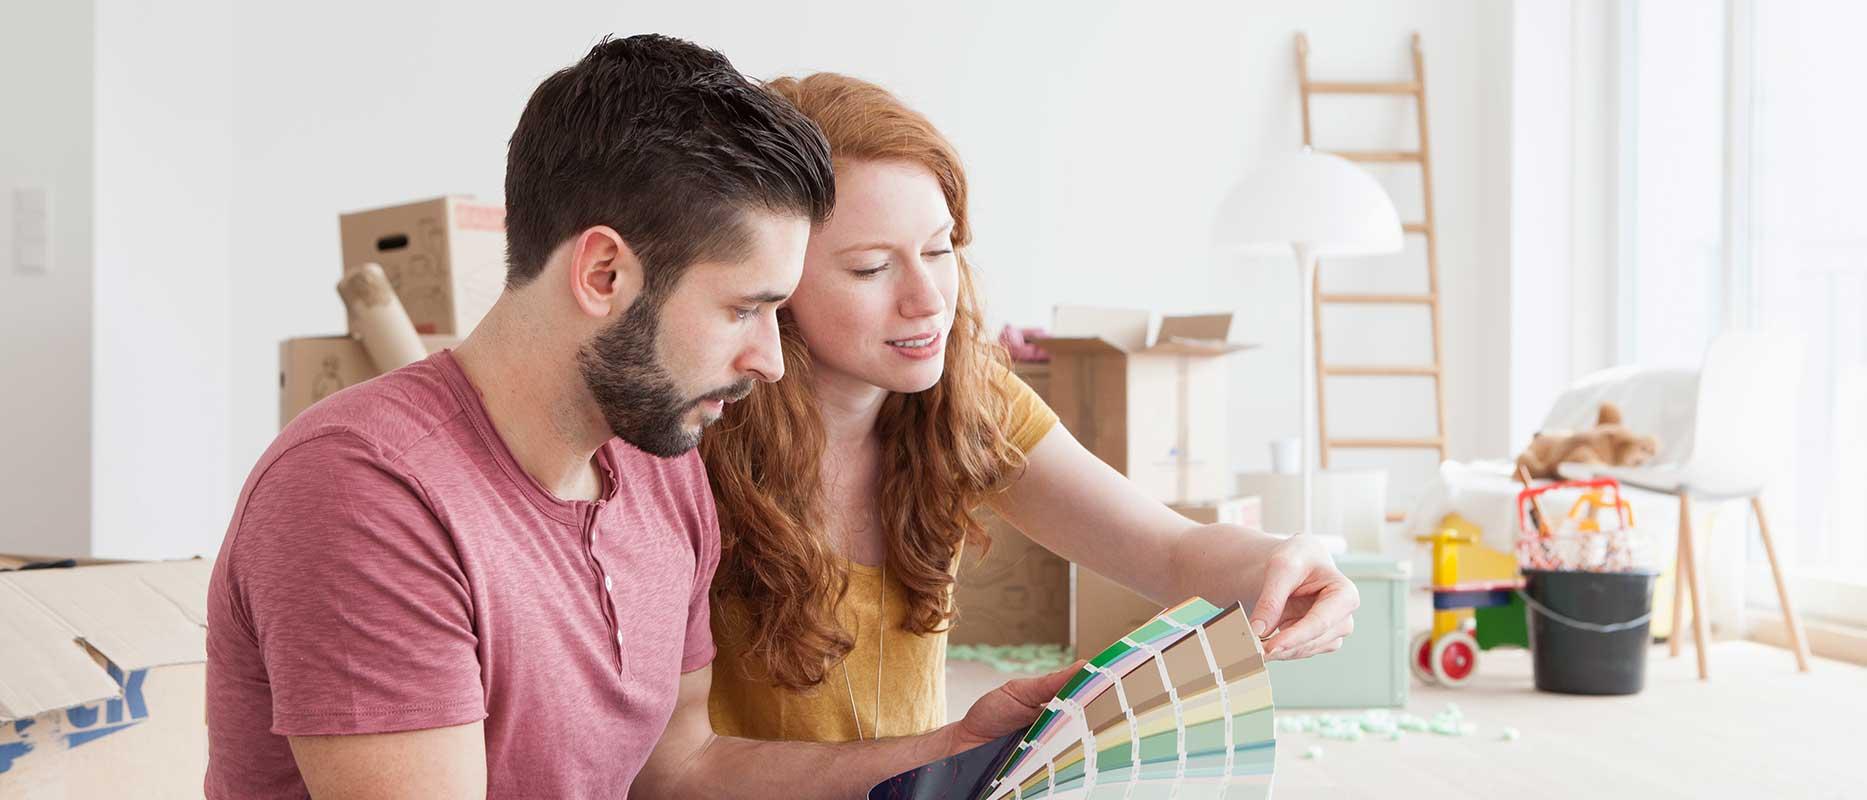 billig dating idéer ett annat ord för matchmaking